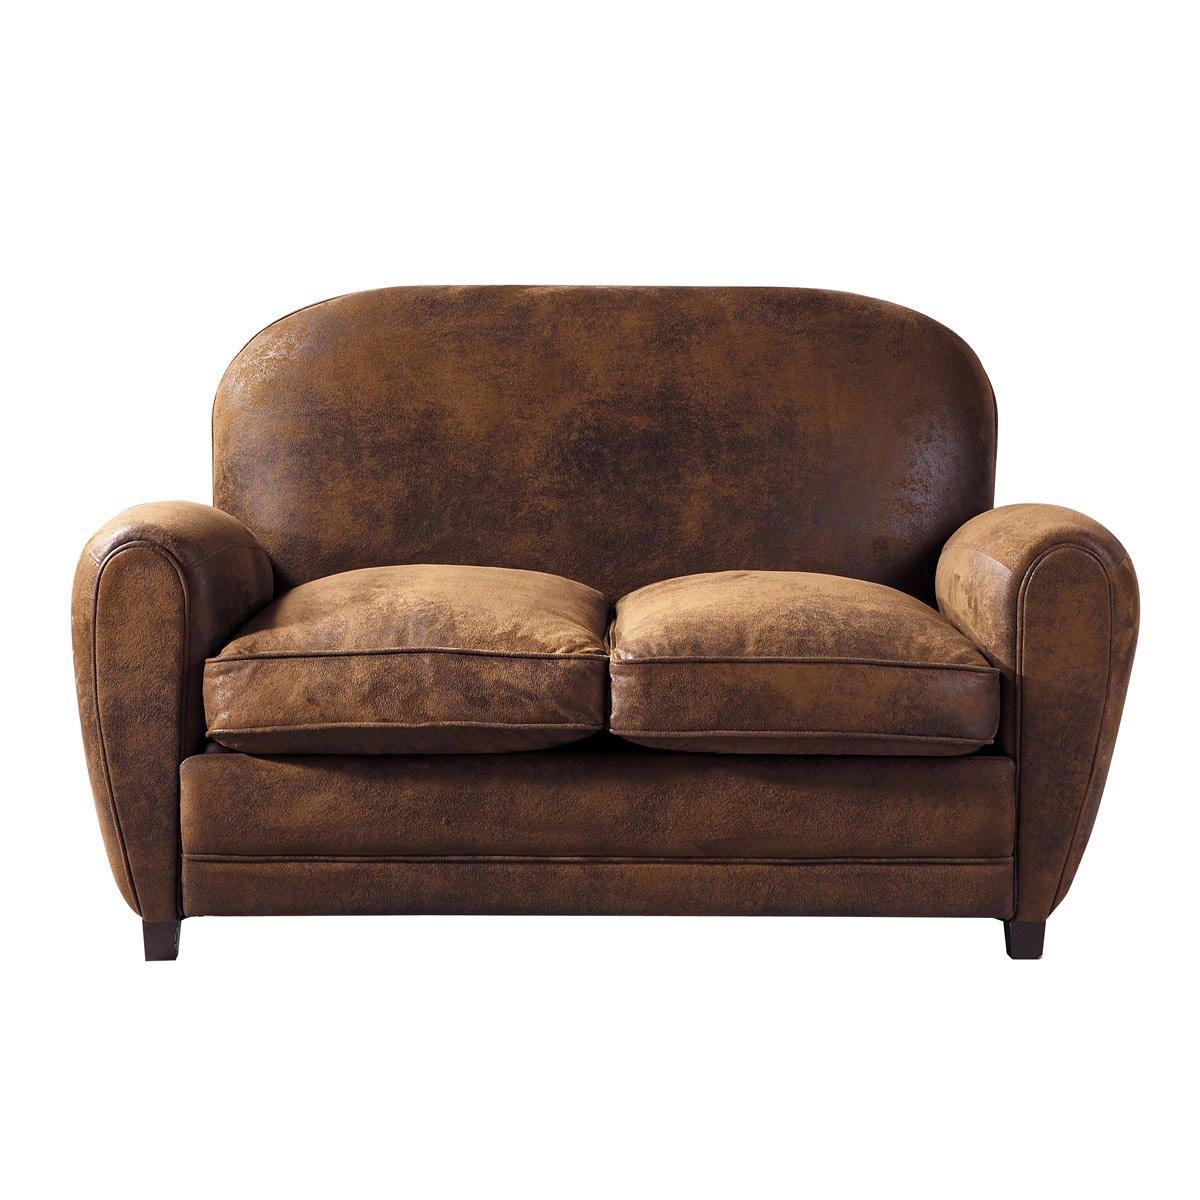 Divano in microfibra marrone 2 posti   Suede sofa, Verandas and ...